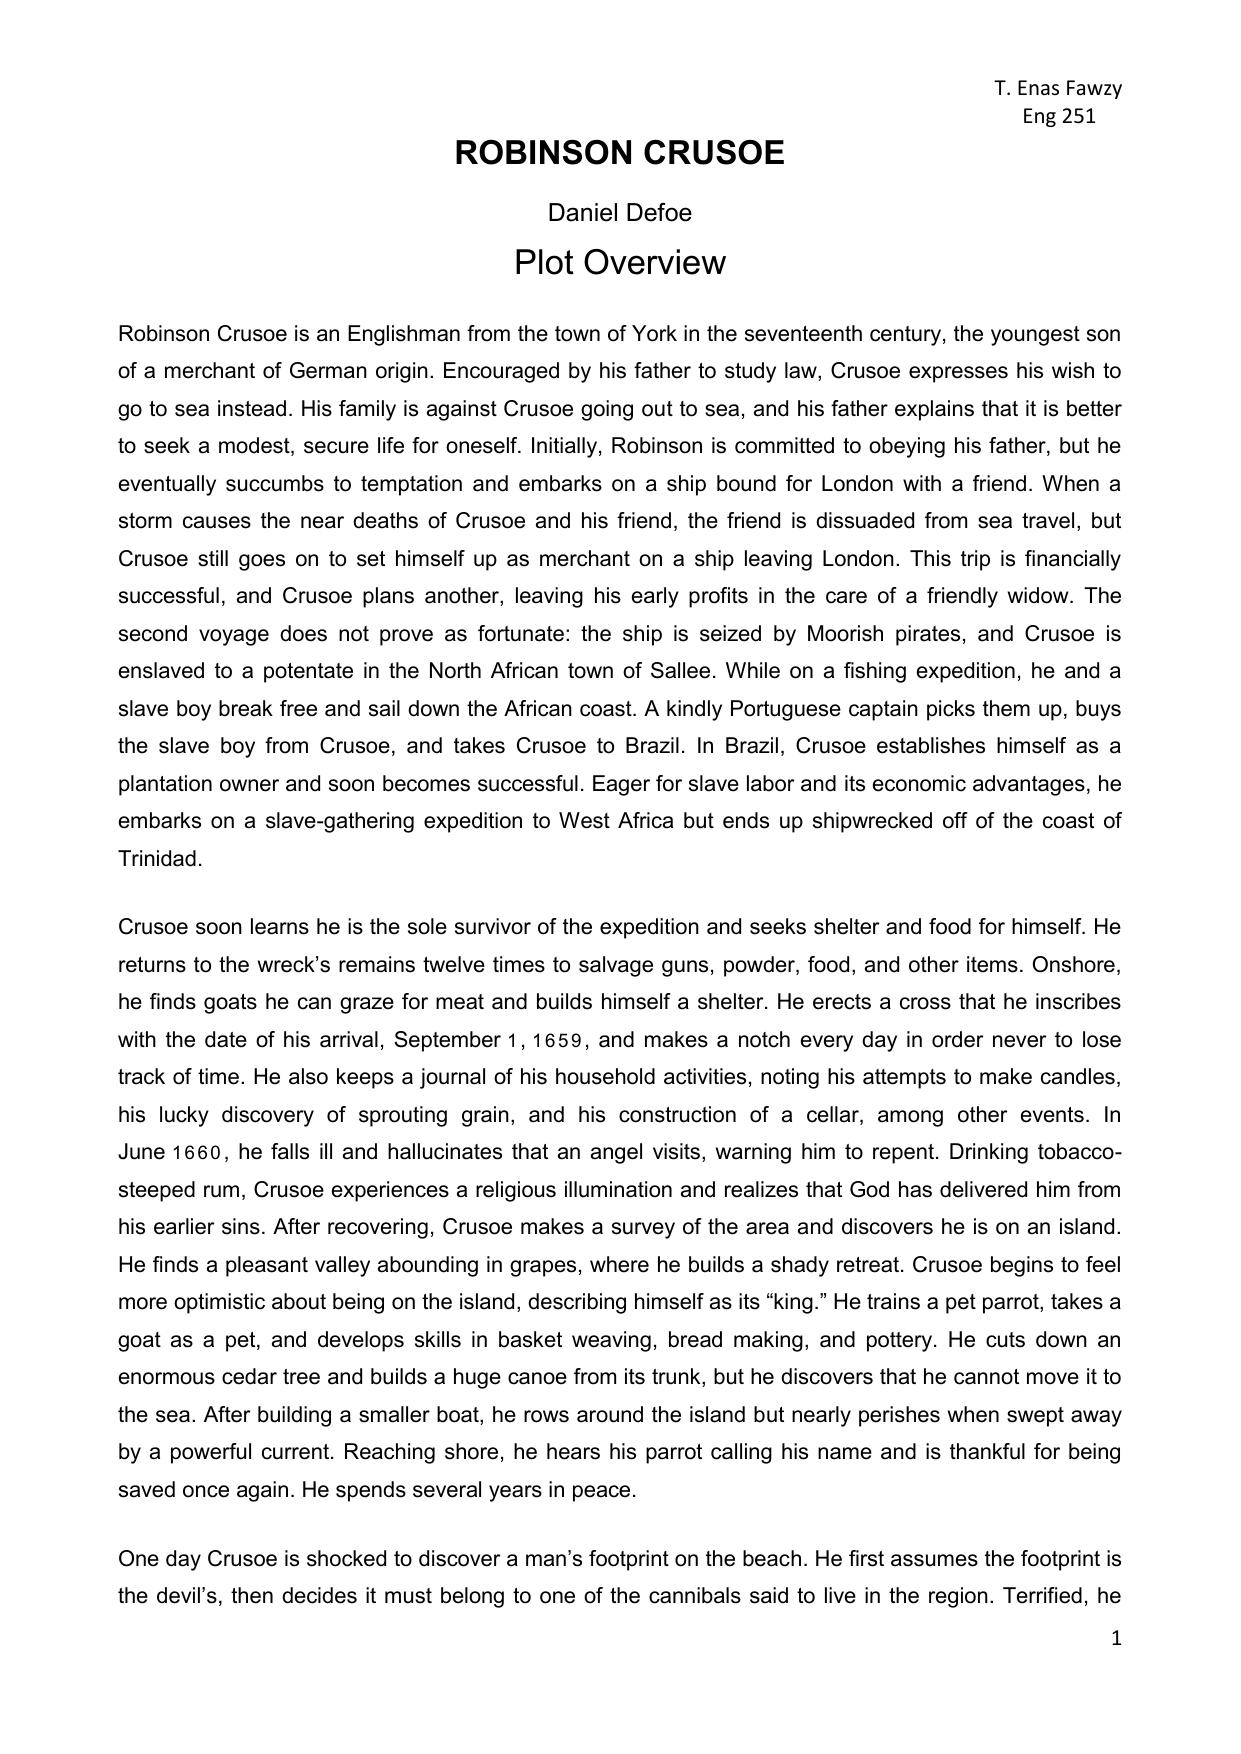 Essay on robinson crusoe